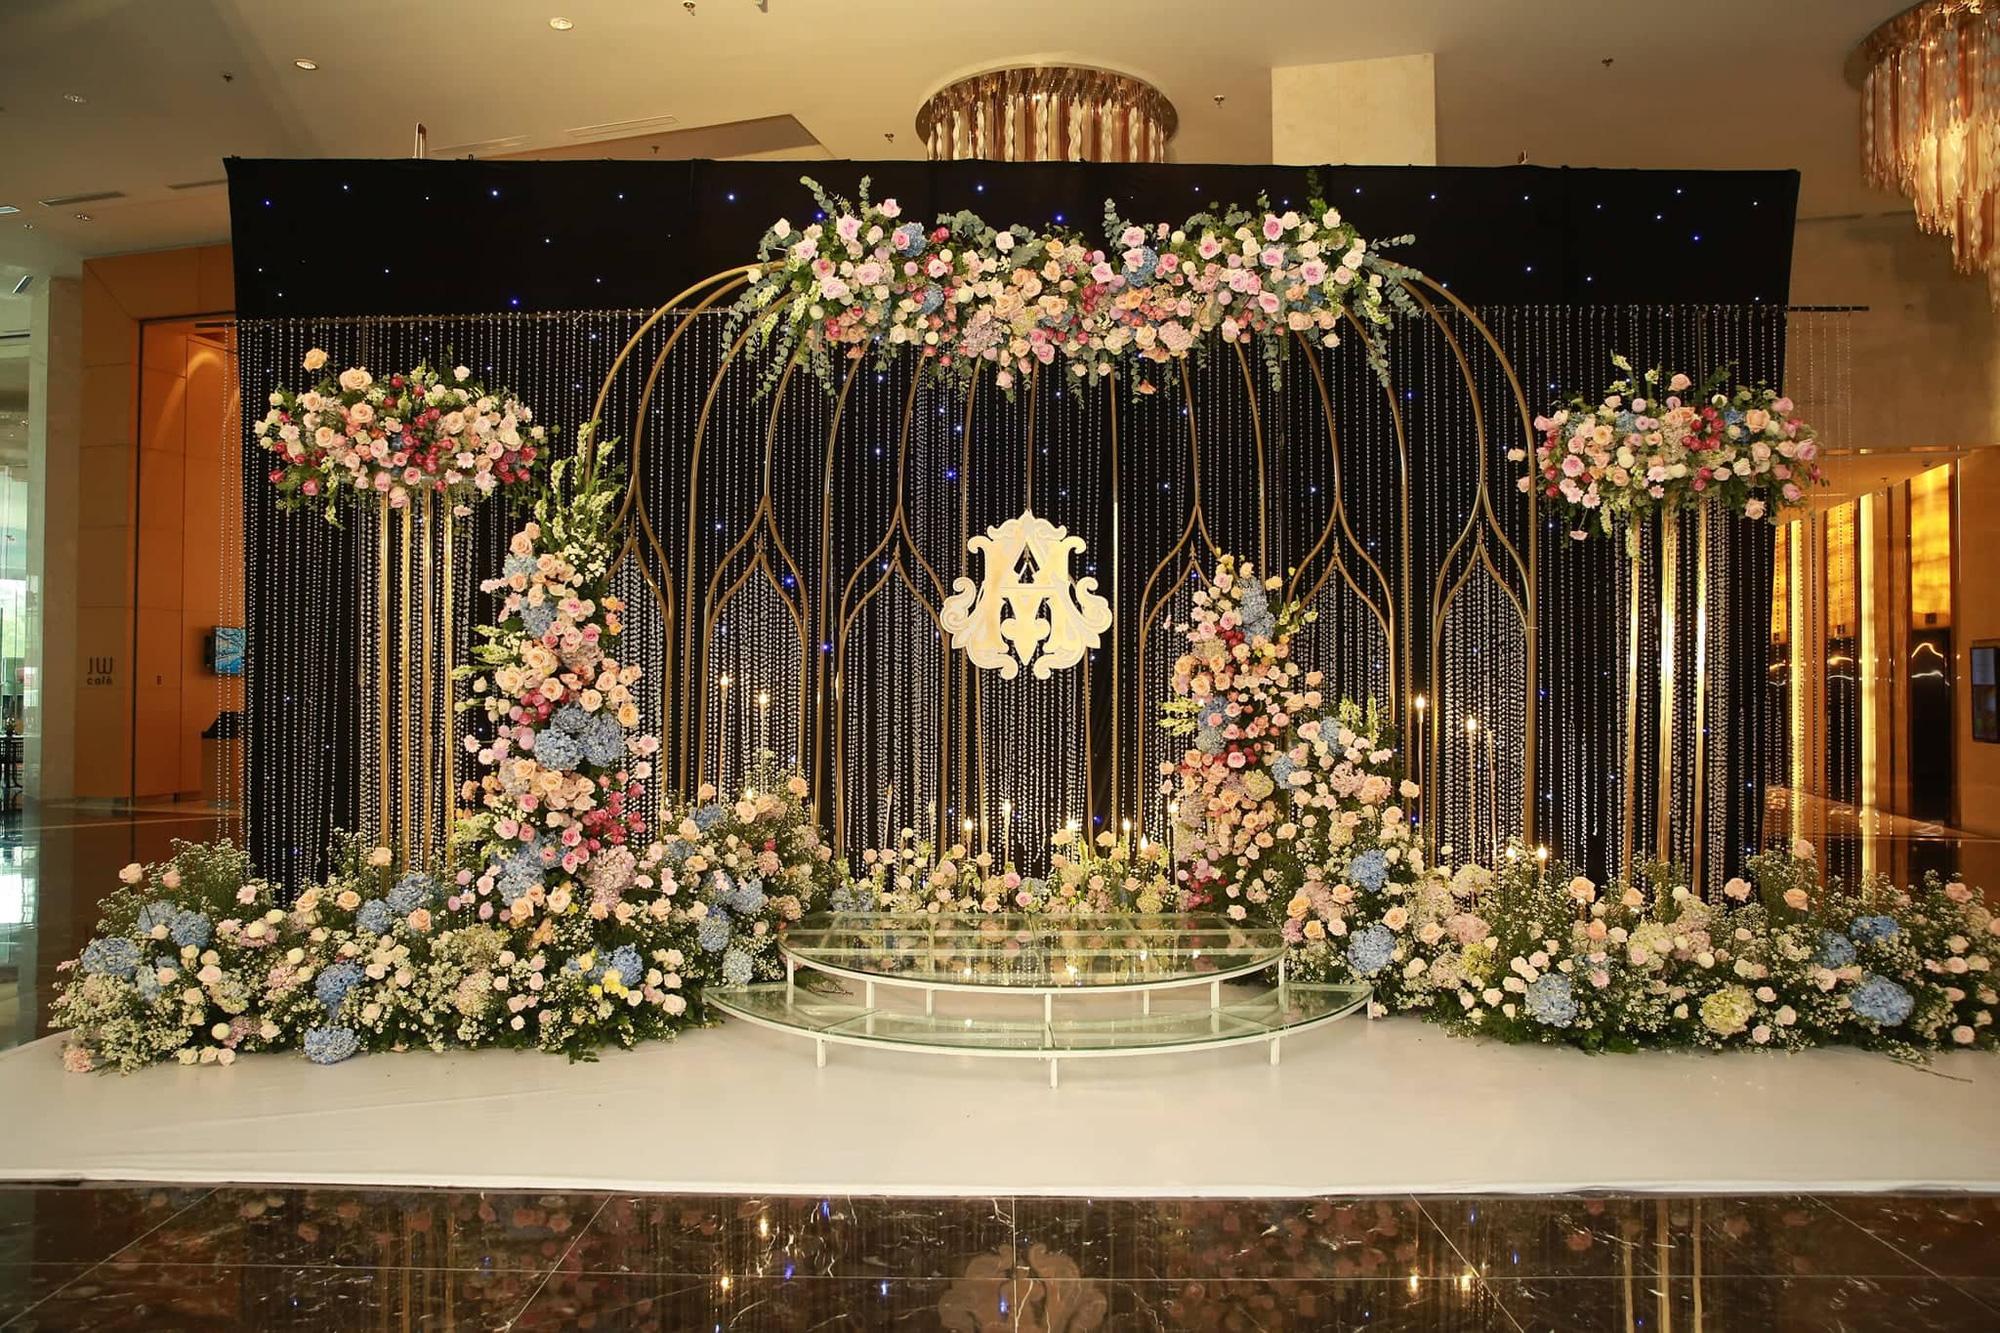 Chiếc váy trăm triệu của Quỳnh Anh bất ngờ được đặt giữa lễ đường, chiêm ngưỡng không gian sảnh cưới đẹp như cổ tích trước giờ G - Ảnh 3.